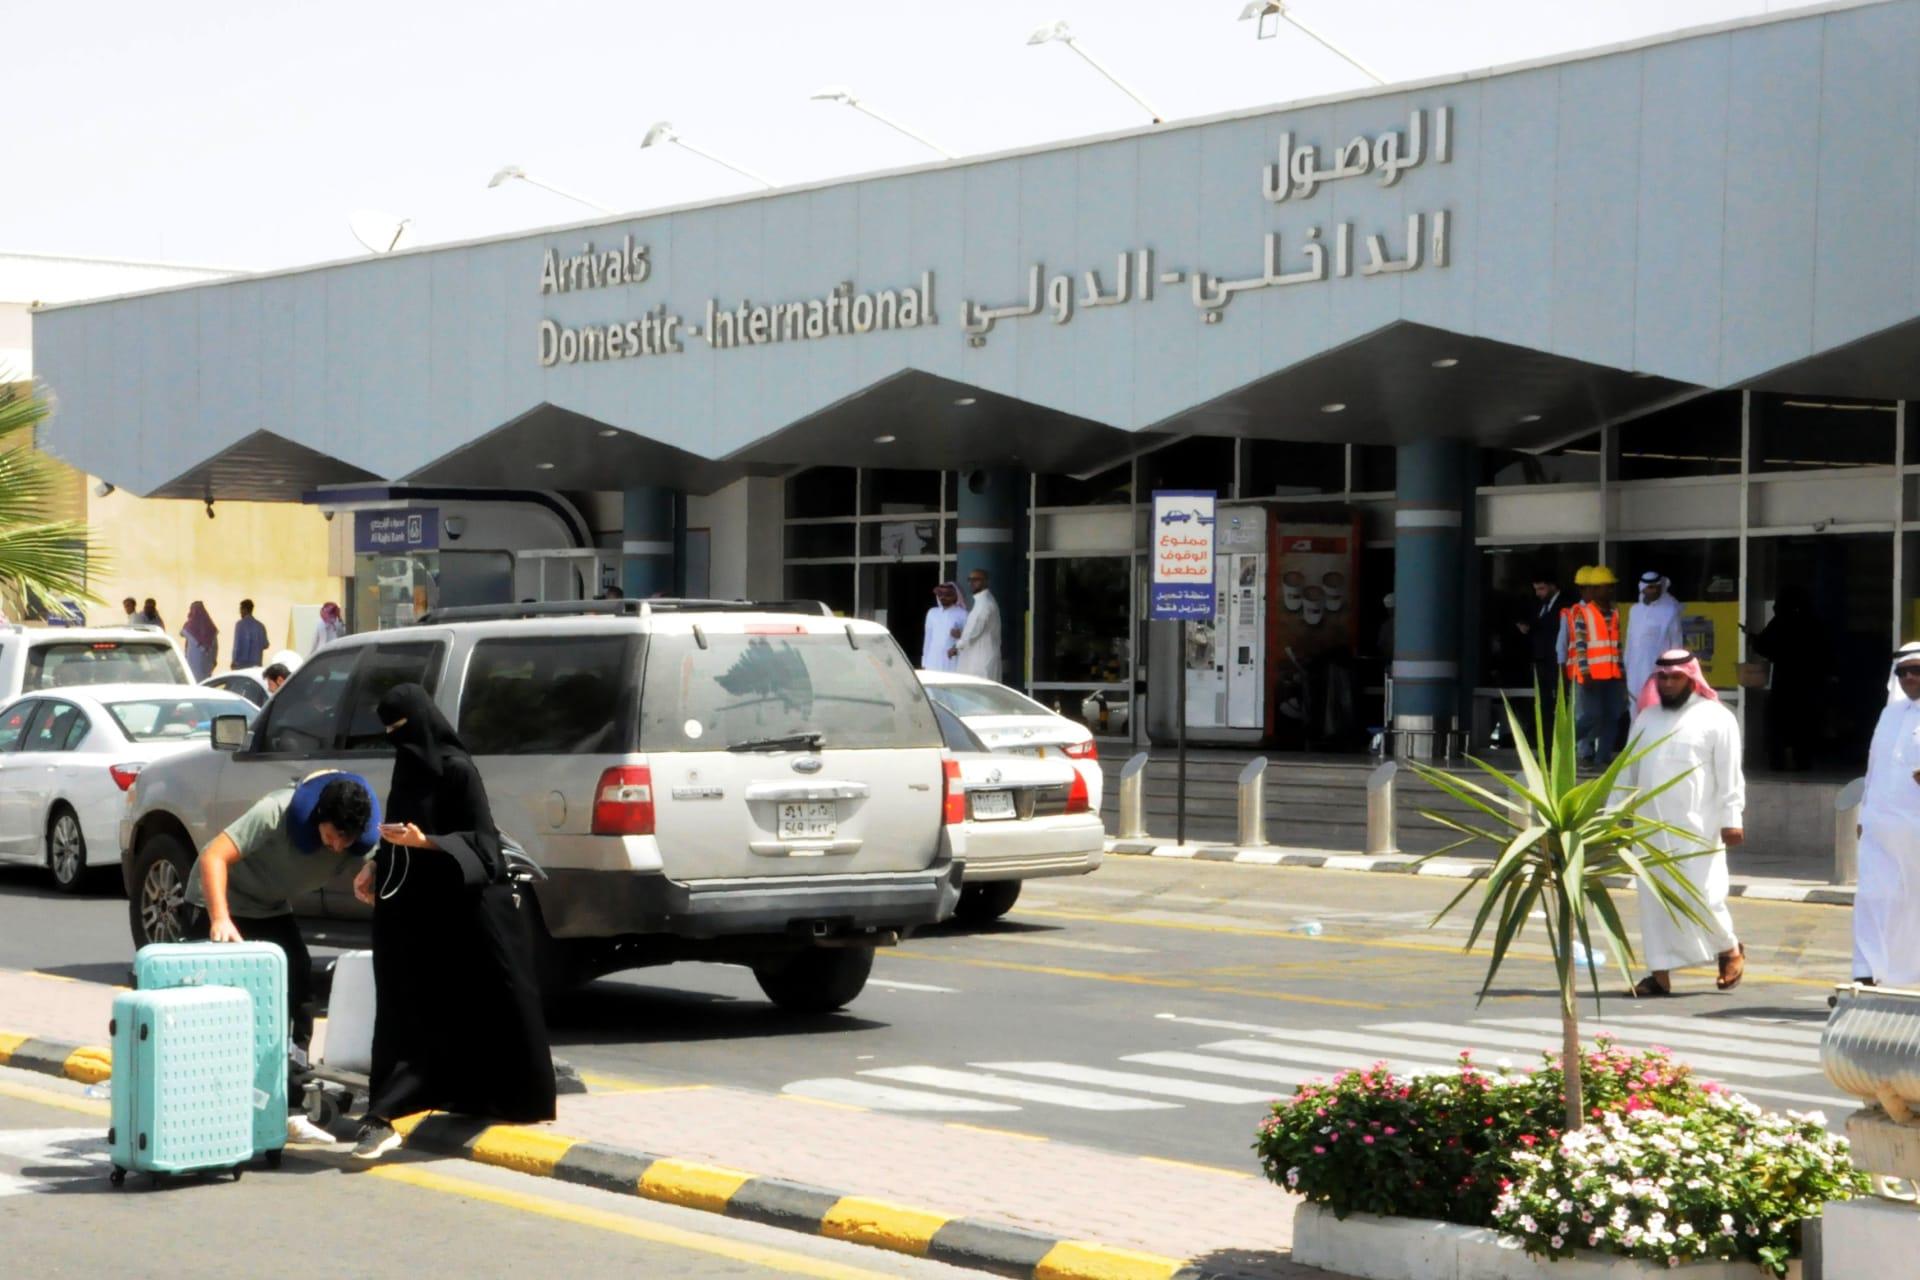 السعودية.. سقوط إصابات وتضرر طائرة مدنية نتيجة إحباط عمليتي استهداف لمطار أبها